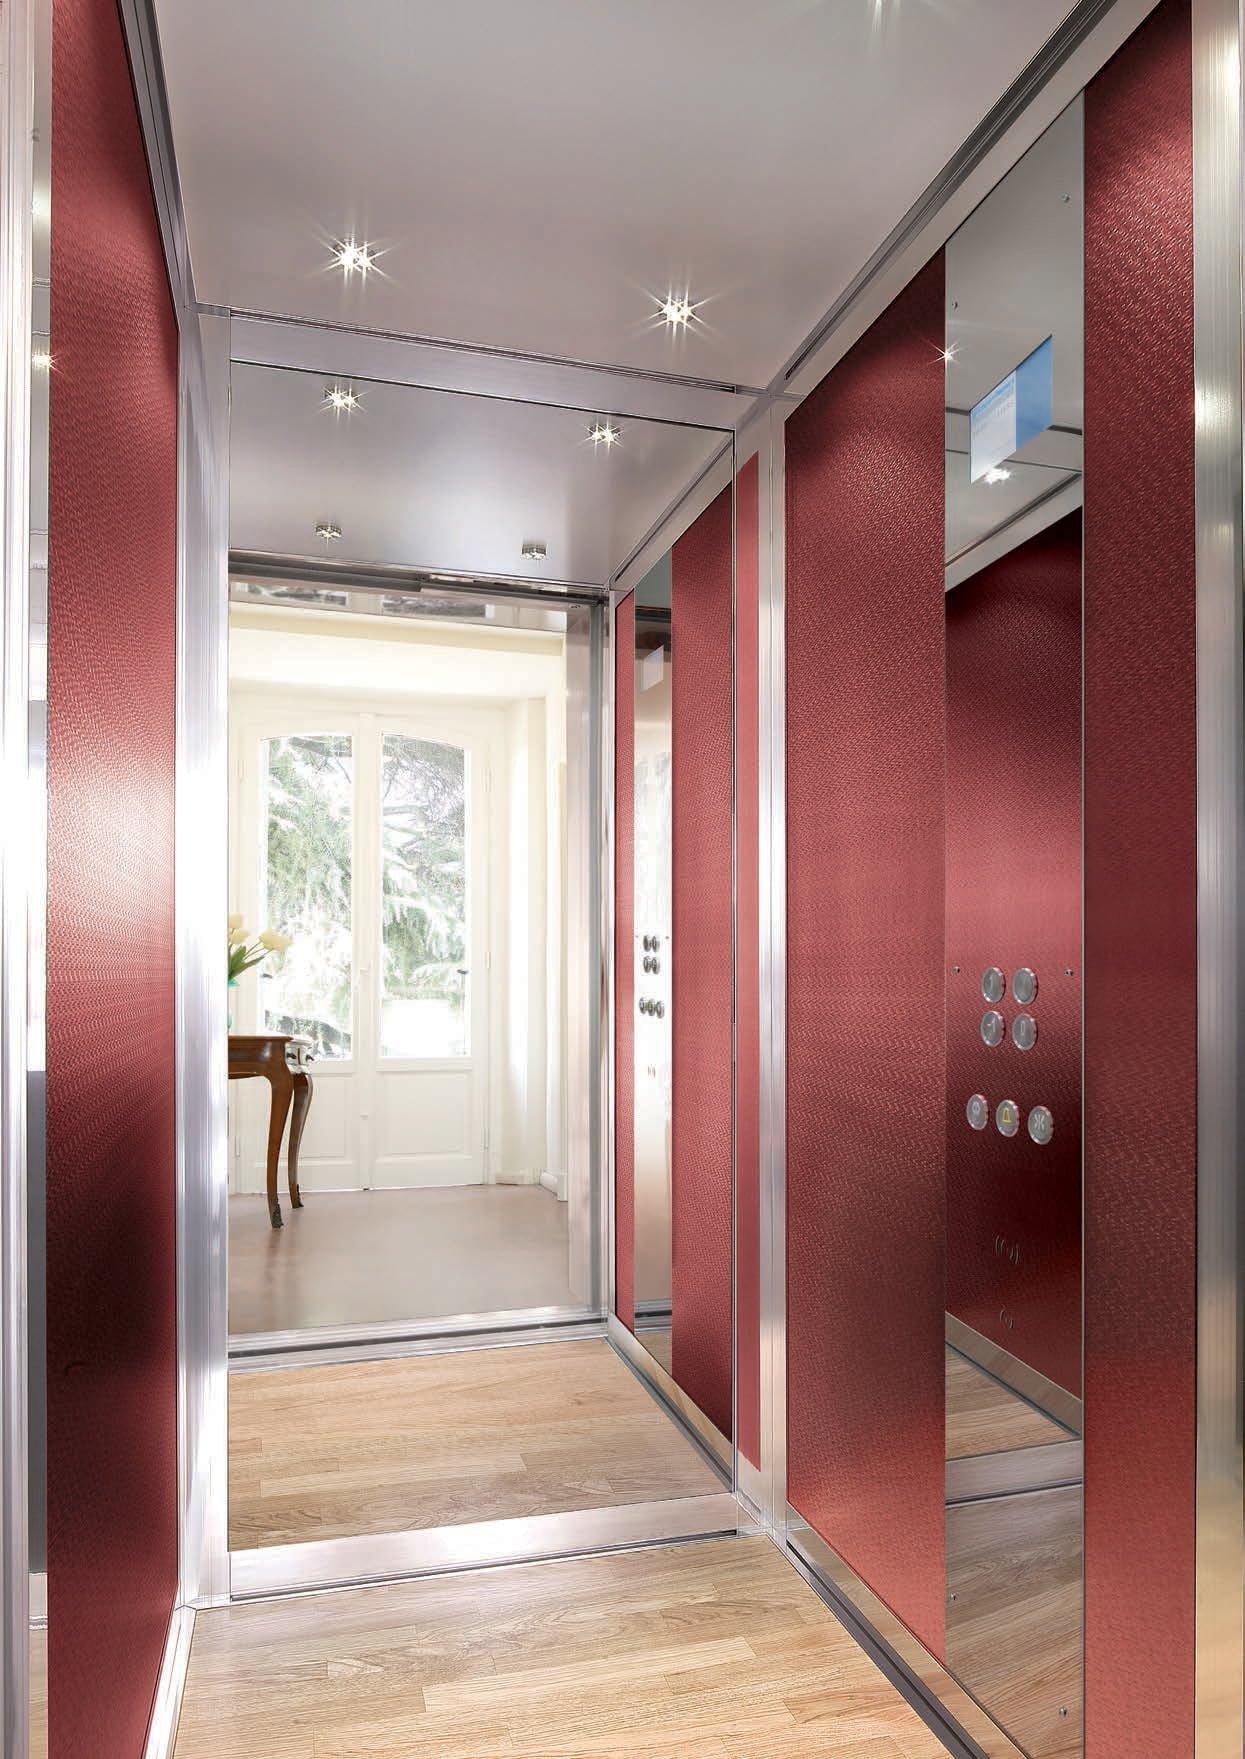 Ascensori interni per appartamenti prezzi e tipologie gruppo millepiani ascensori - Scale per appartamenti ...